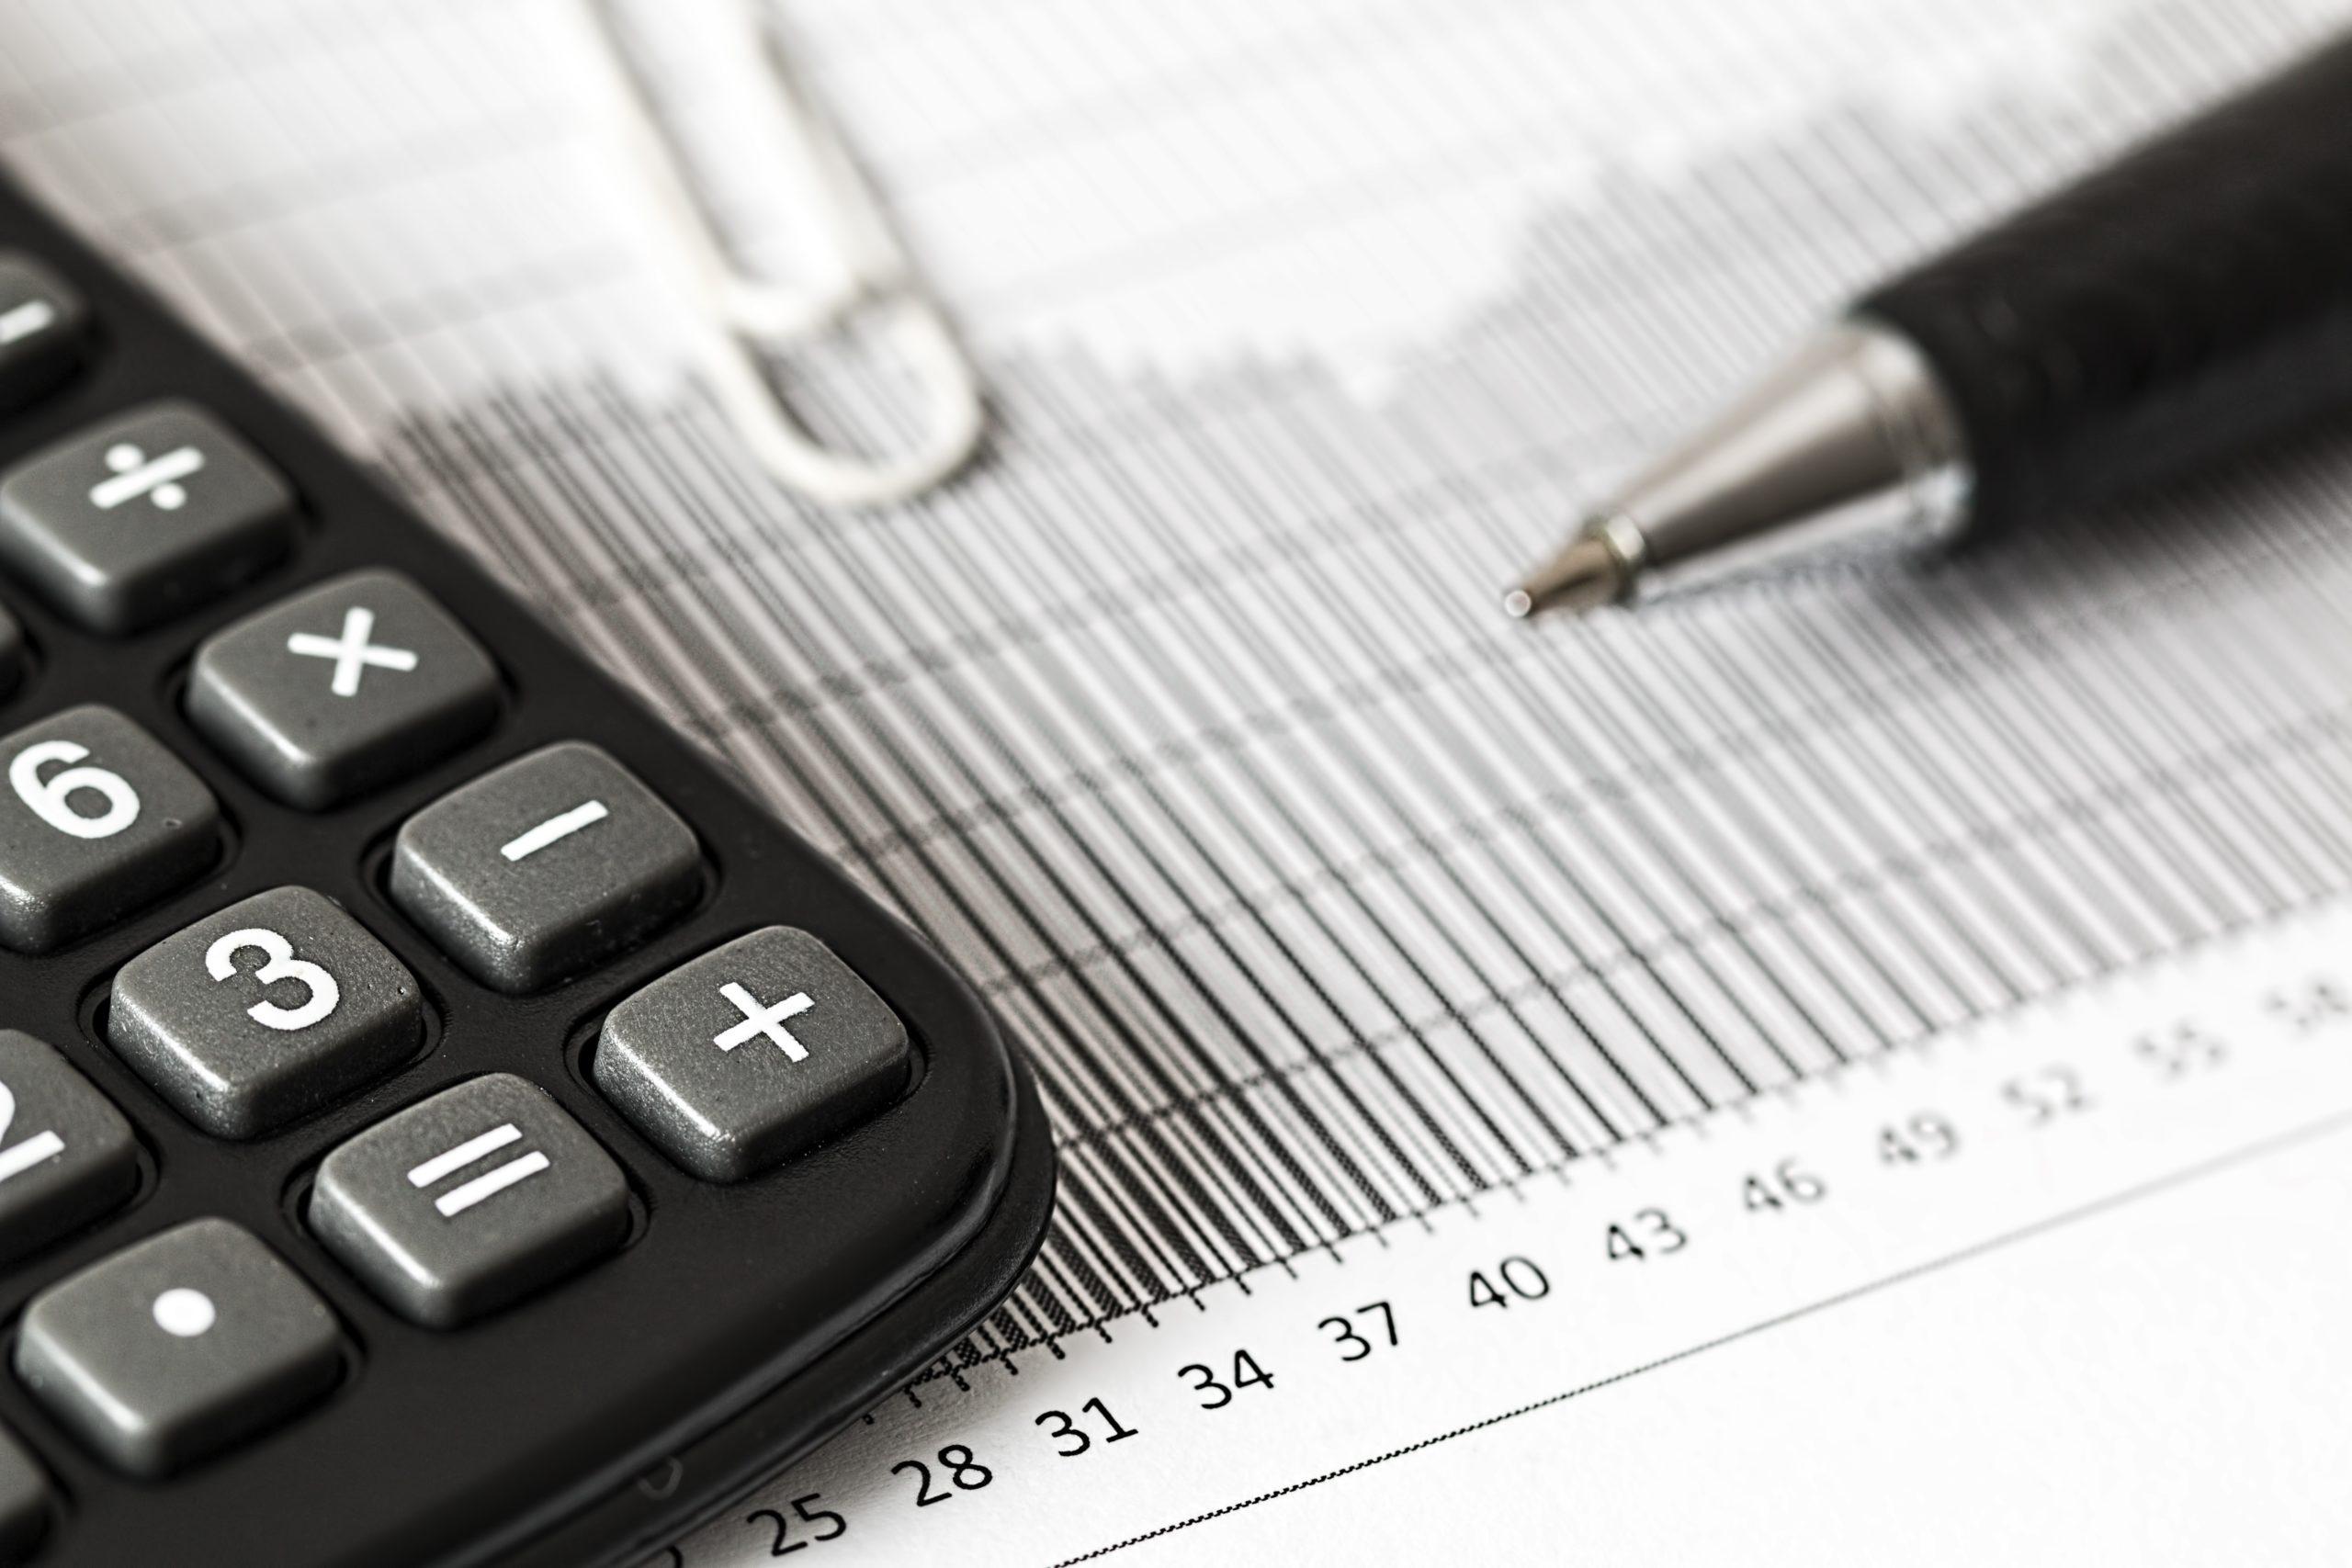 Όλες οι διαδικασίες για τα μέτρα στήριξης επιχειρήσεων,υπαλλήλων και ανέργων. (ενημερώνεται)